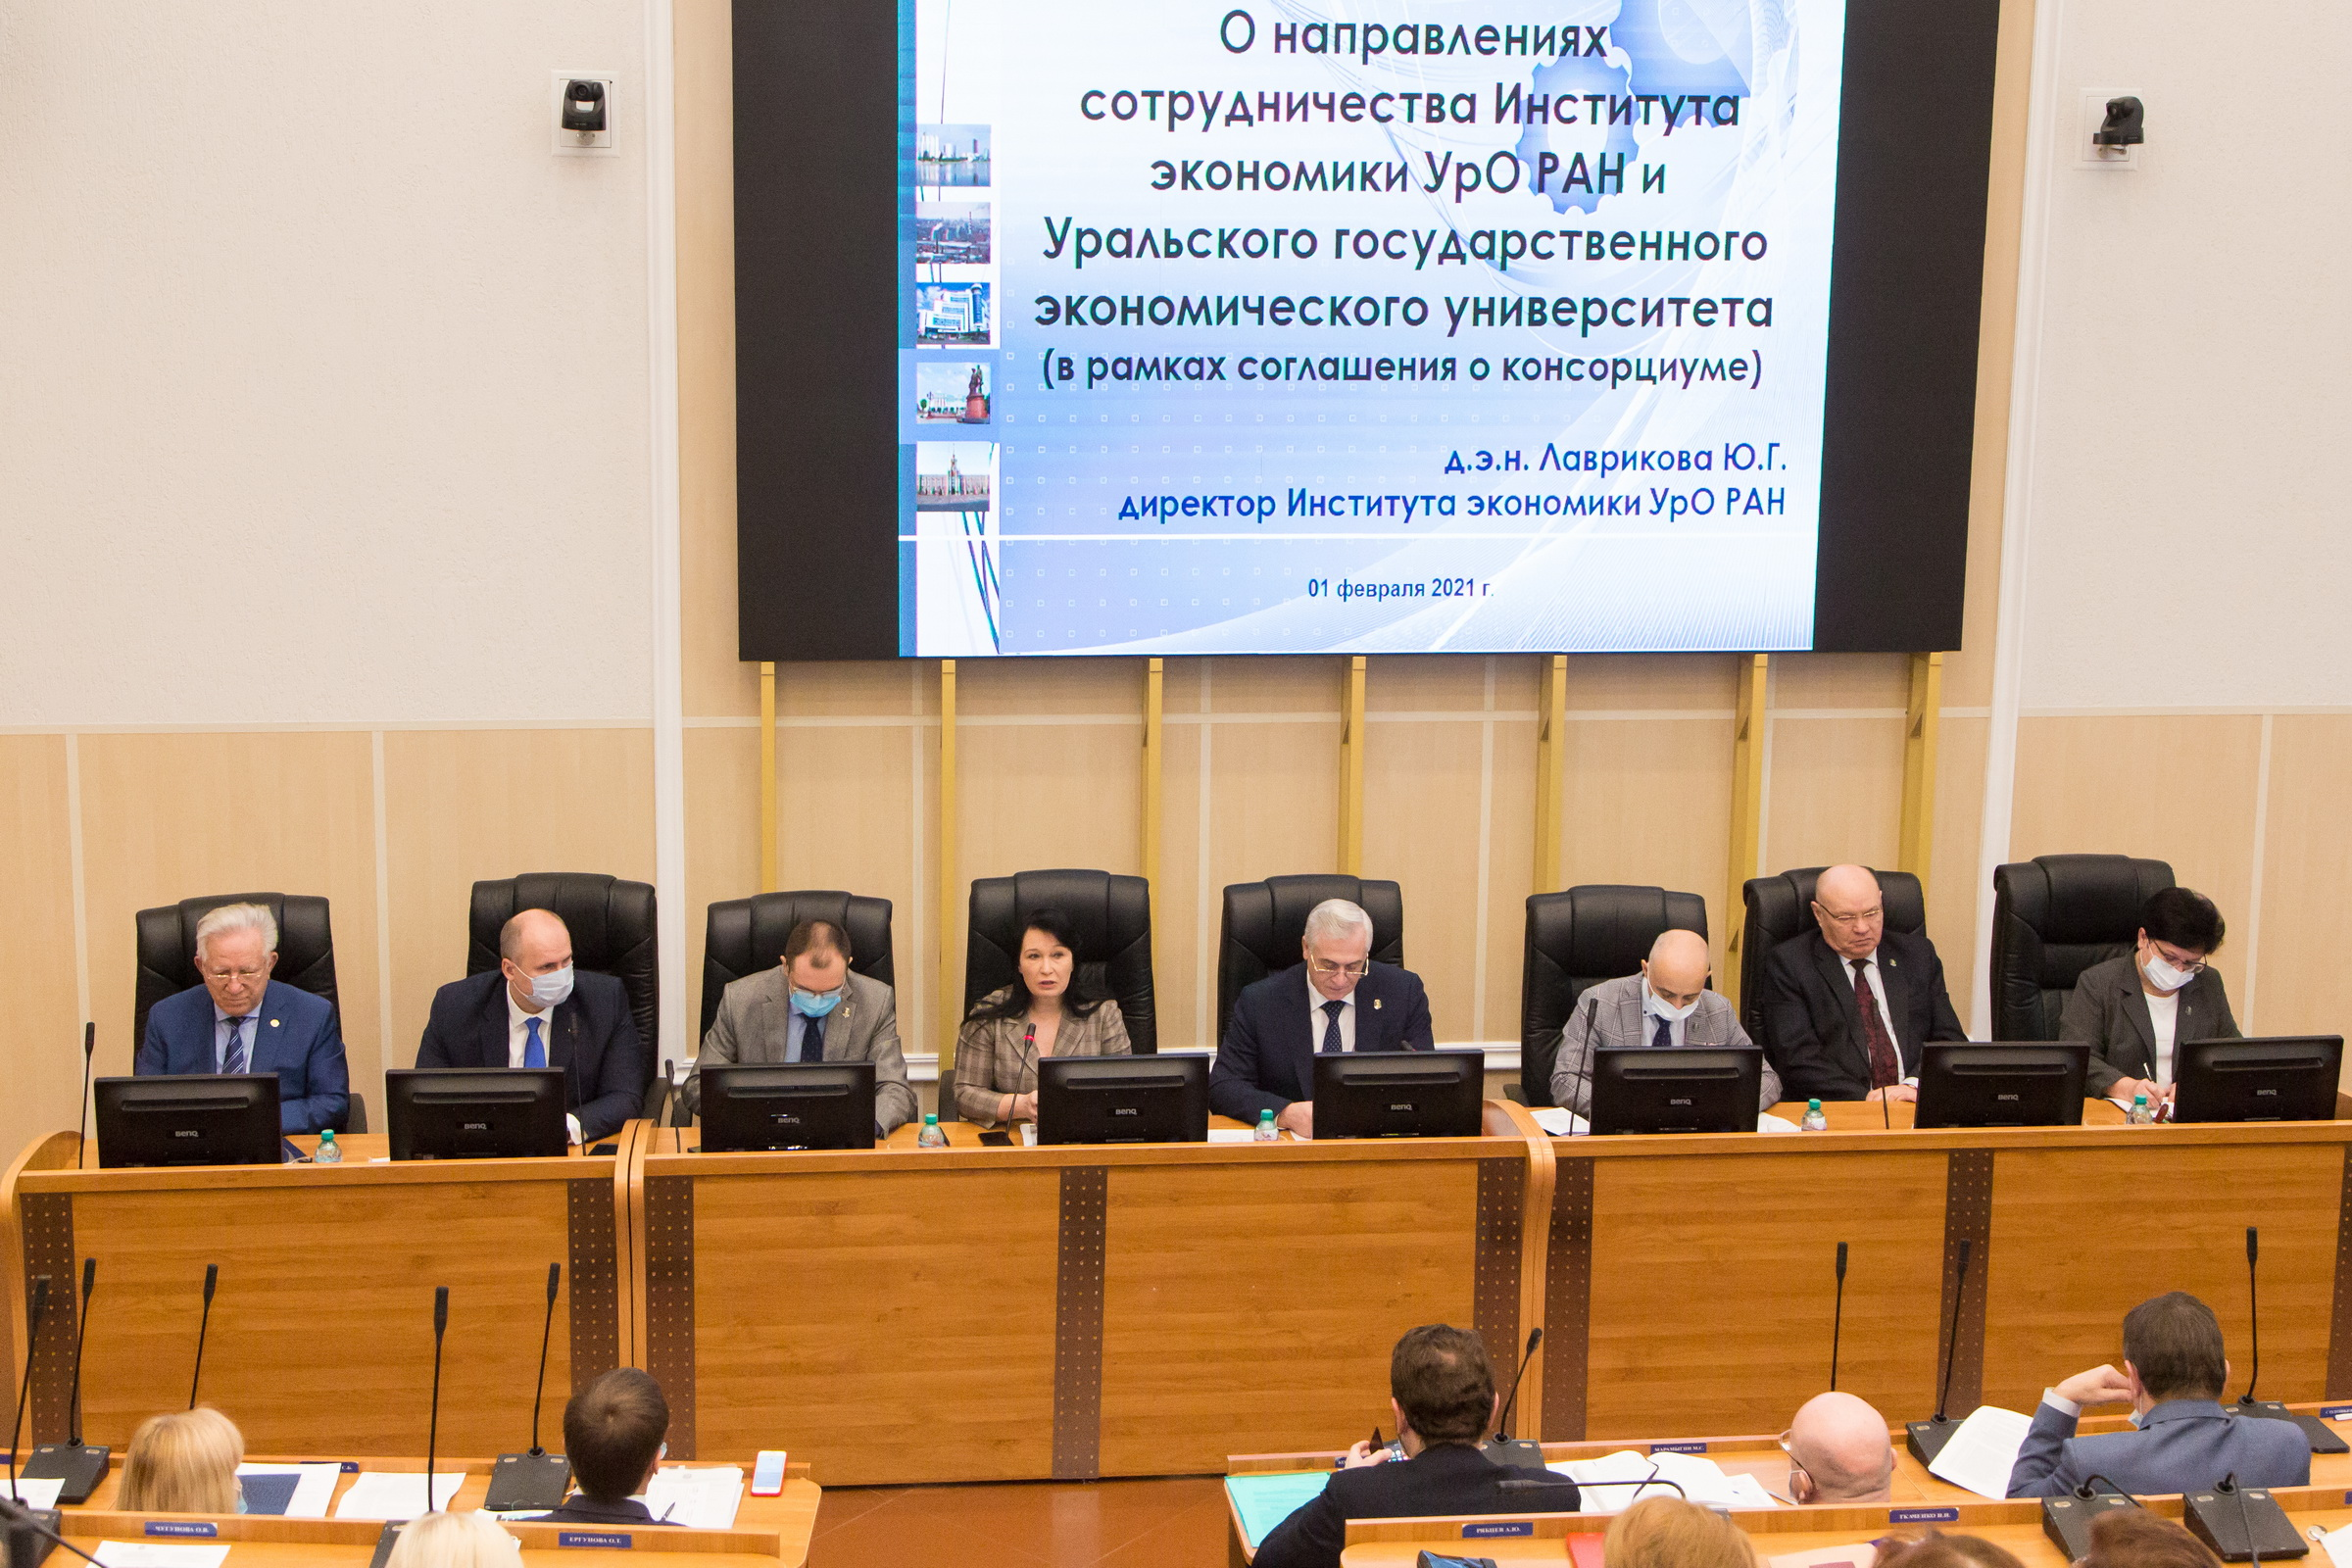 Юлия Лаврикова, д.э.н., директор Института экономики, приняла участие в структурном совещании УрГЭУ